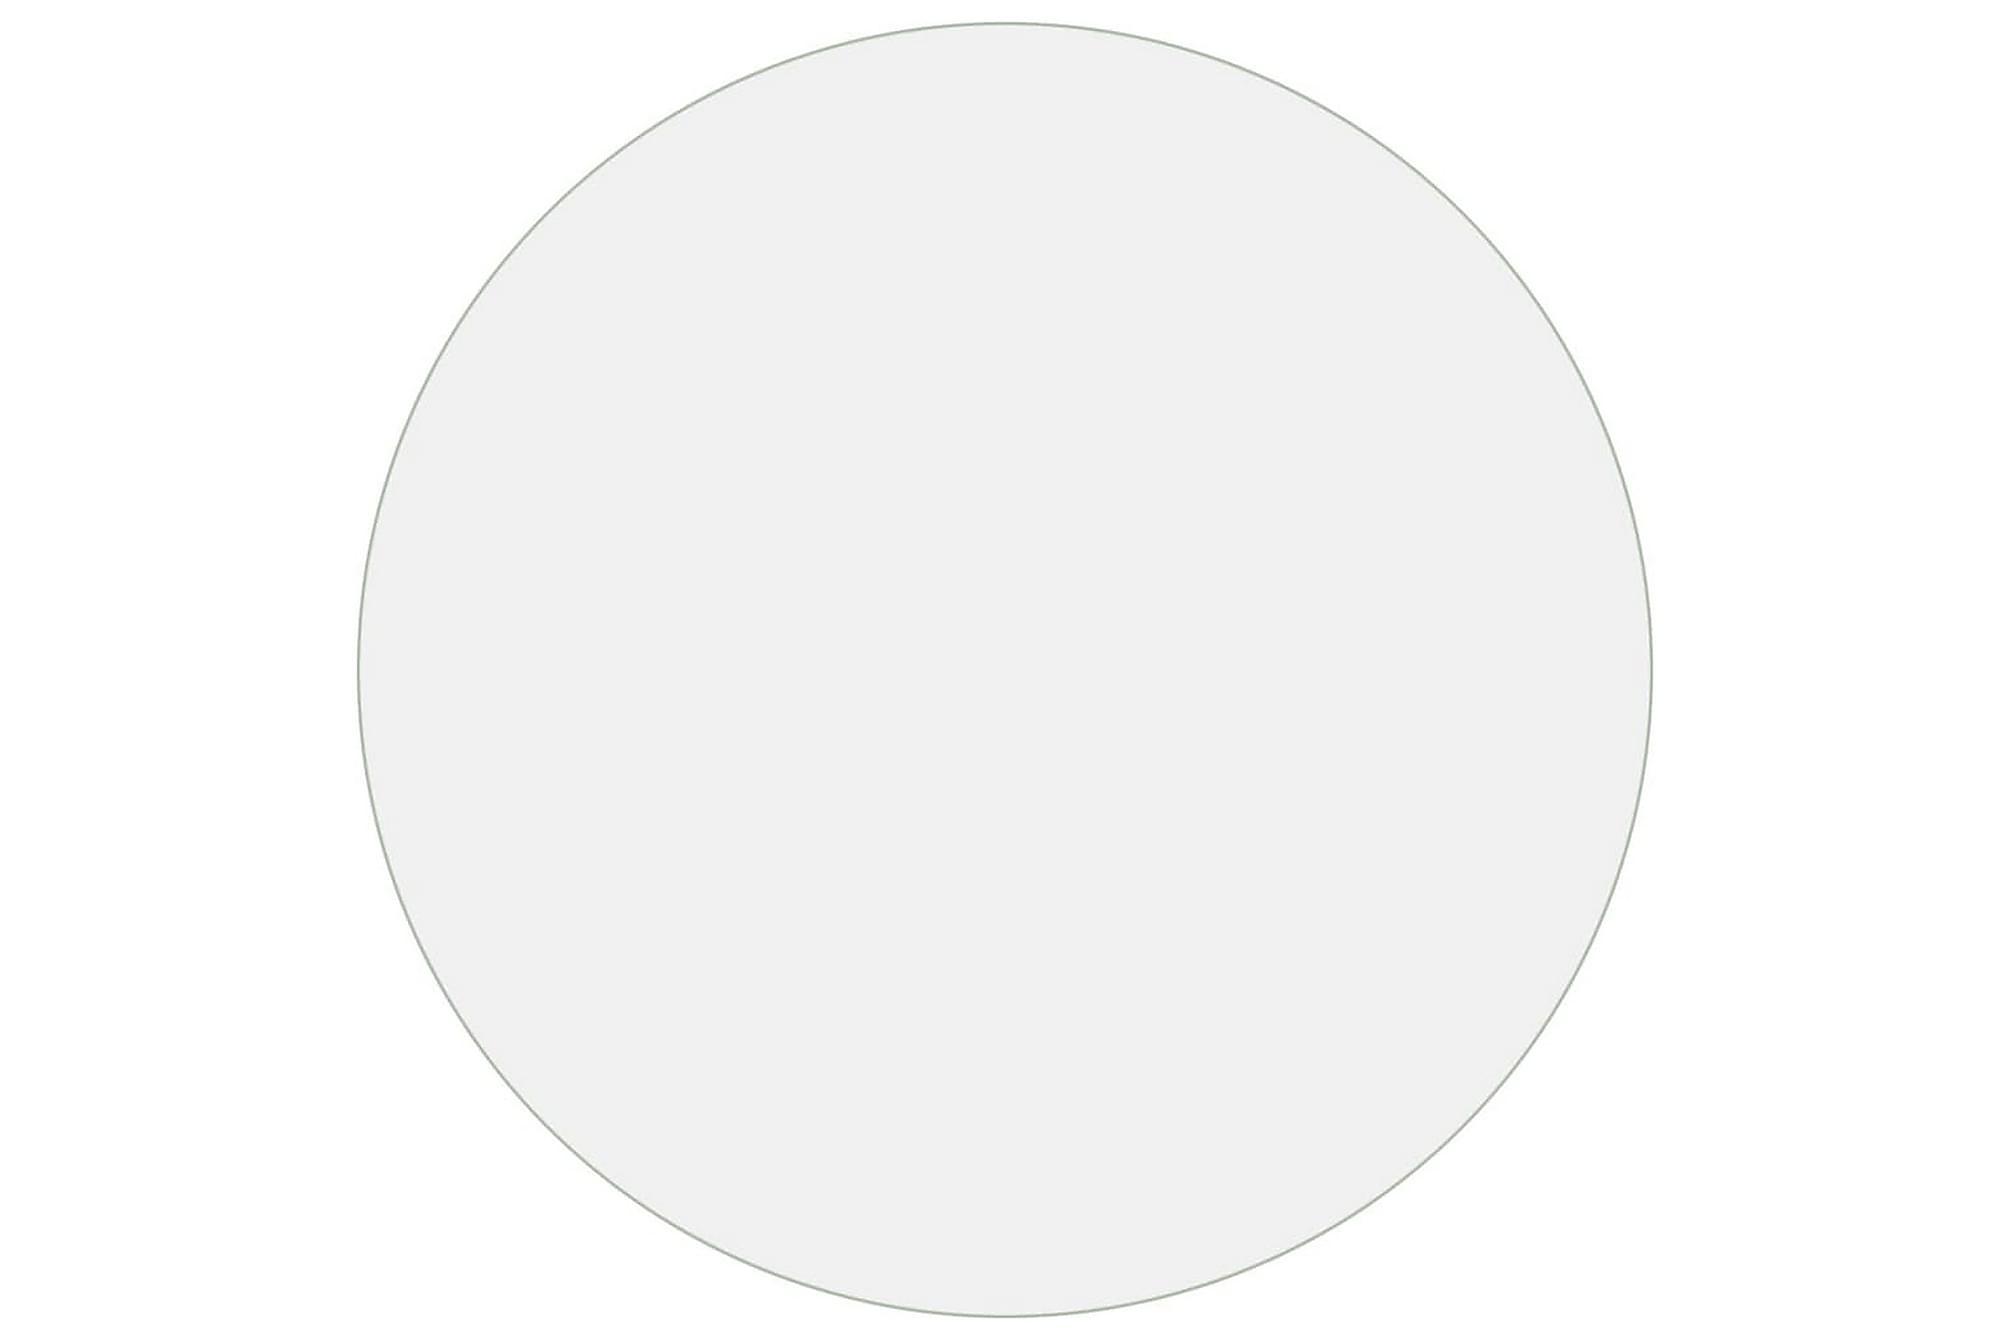 Bordsskydd genomskinligt Ã? 80 cm 2 mm PVC, Bordsben & tillbehör